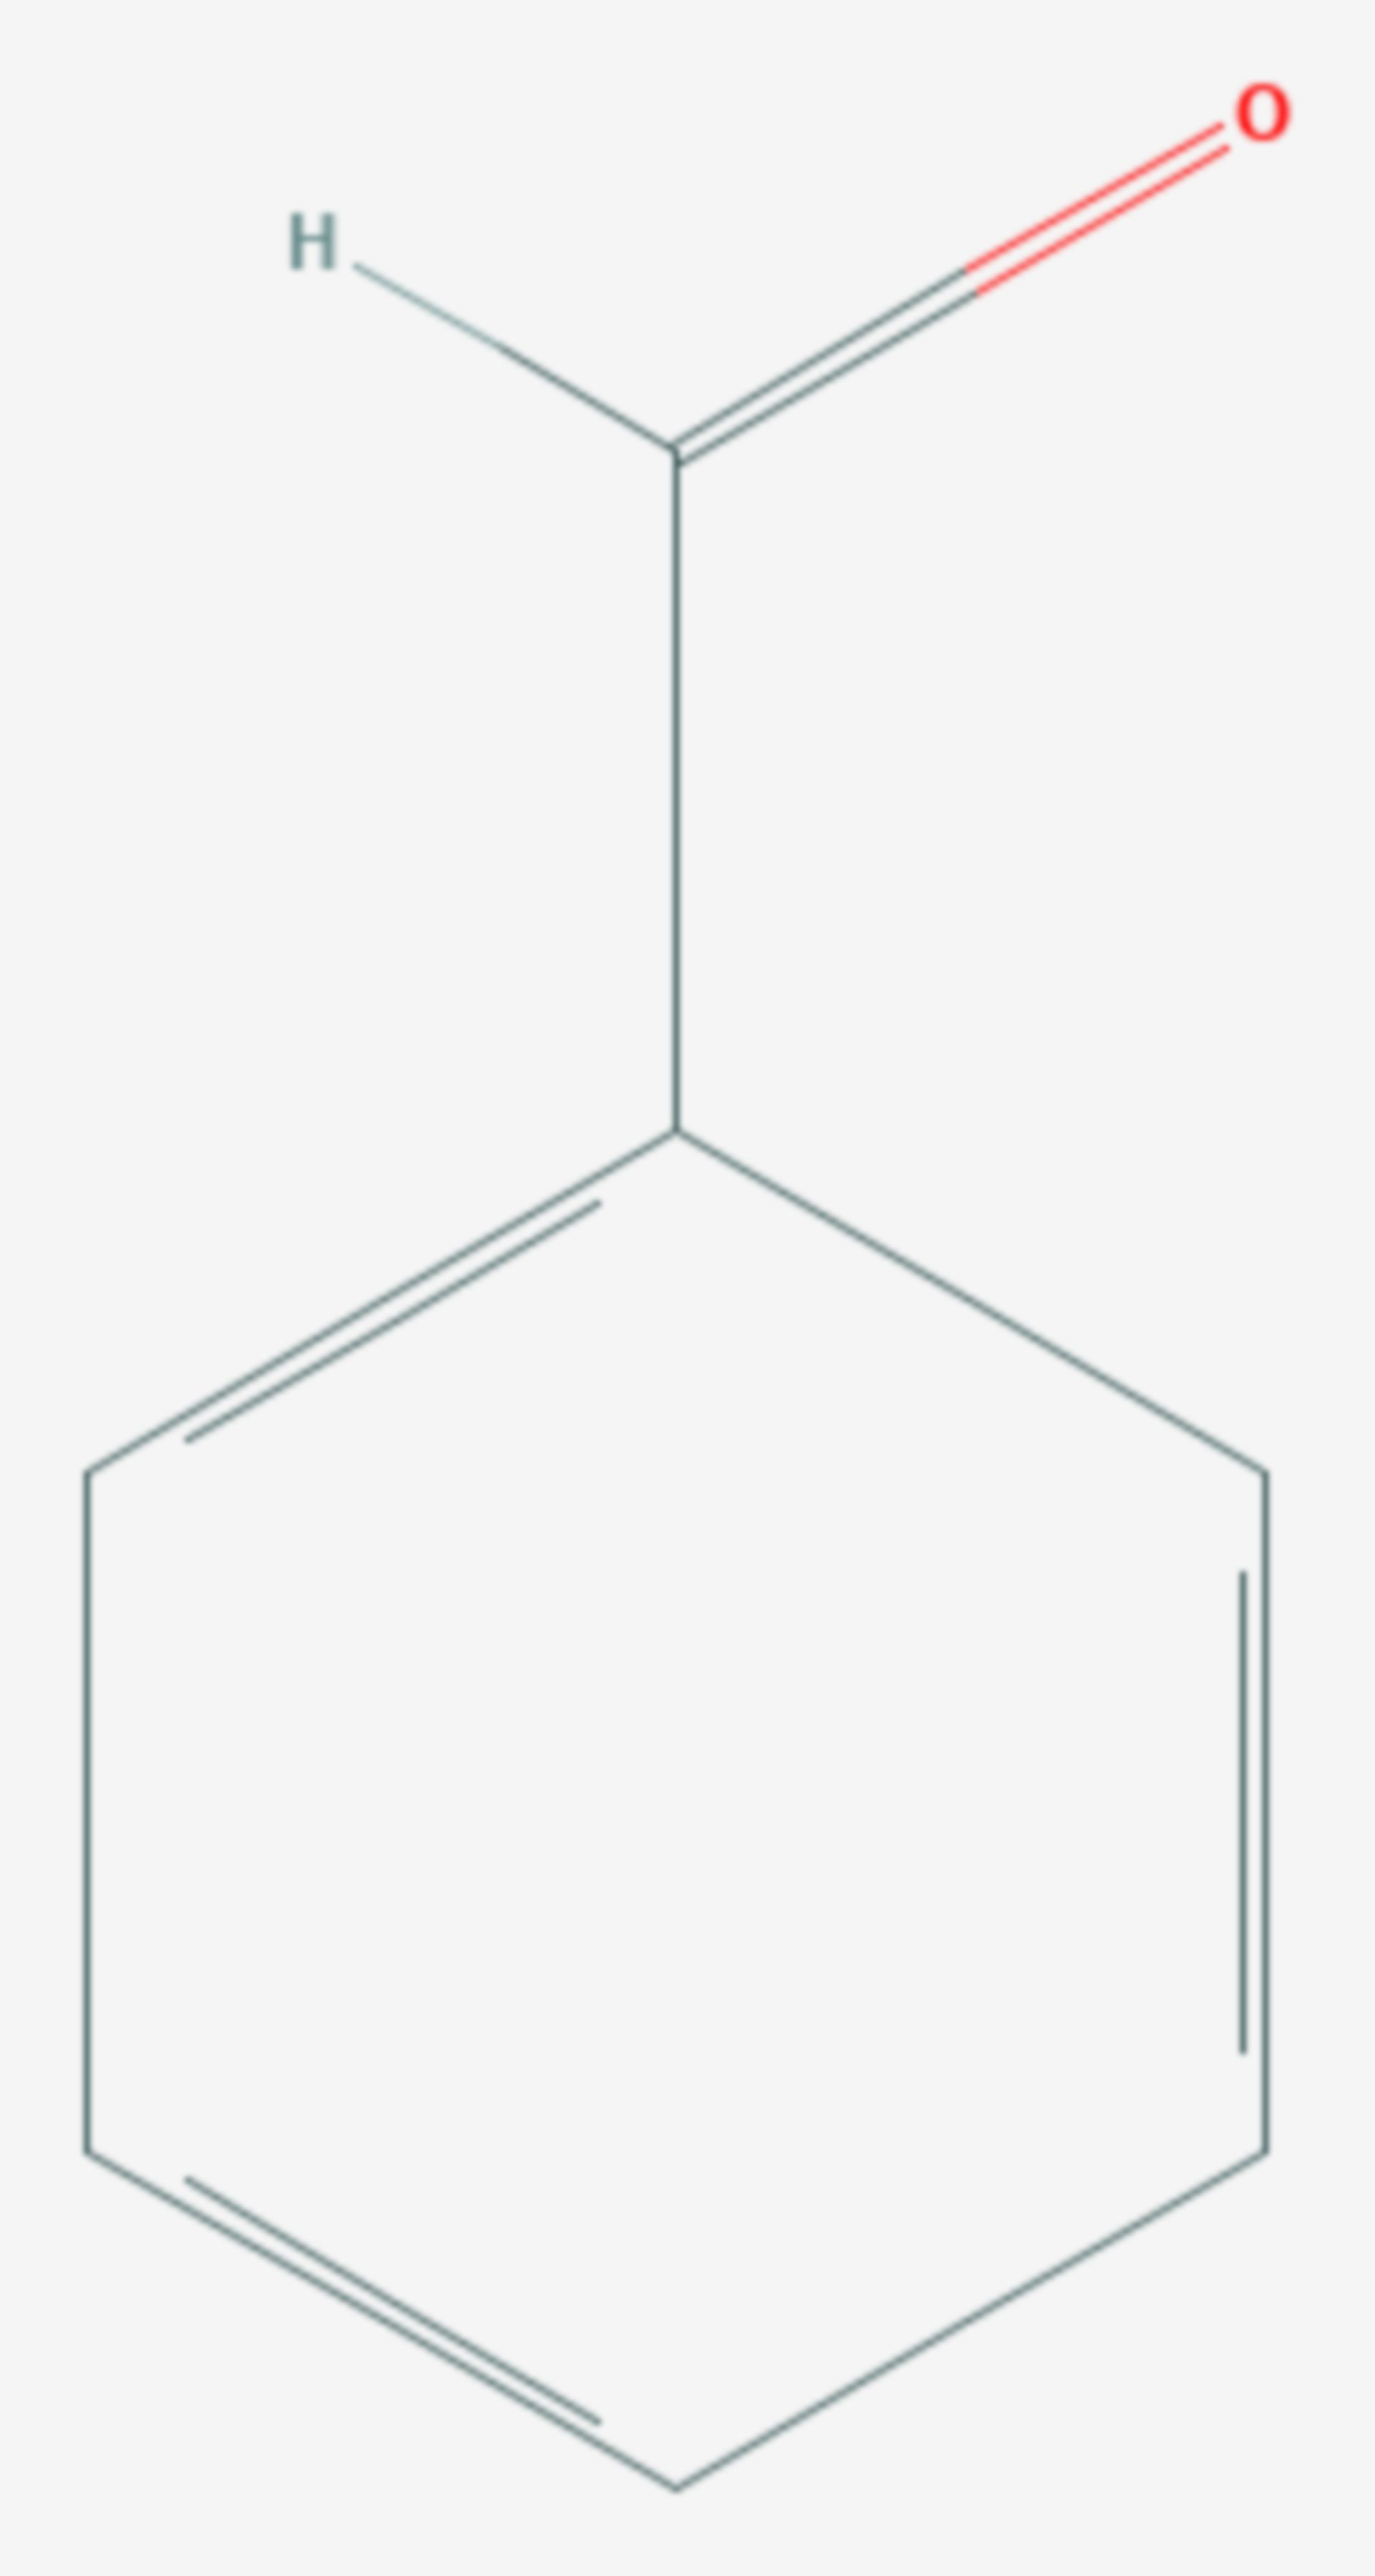 Benzaldehyd (Strukturformel)